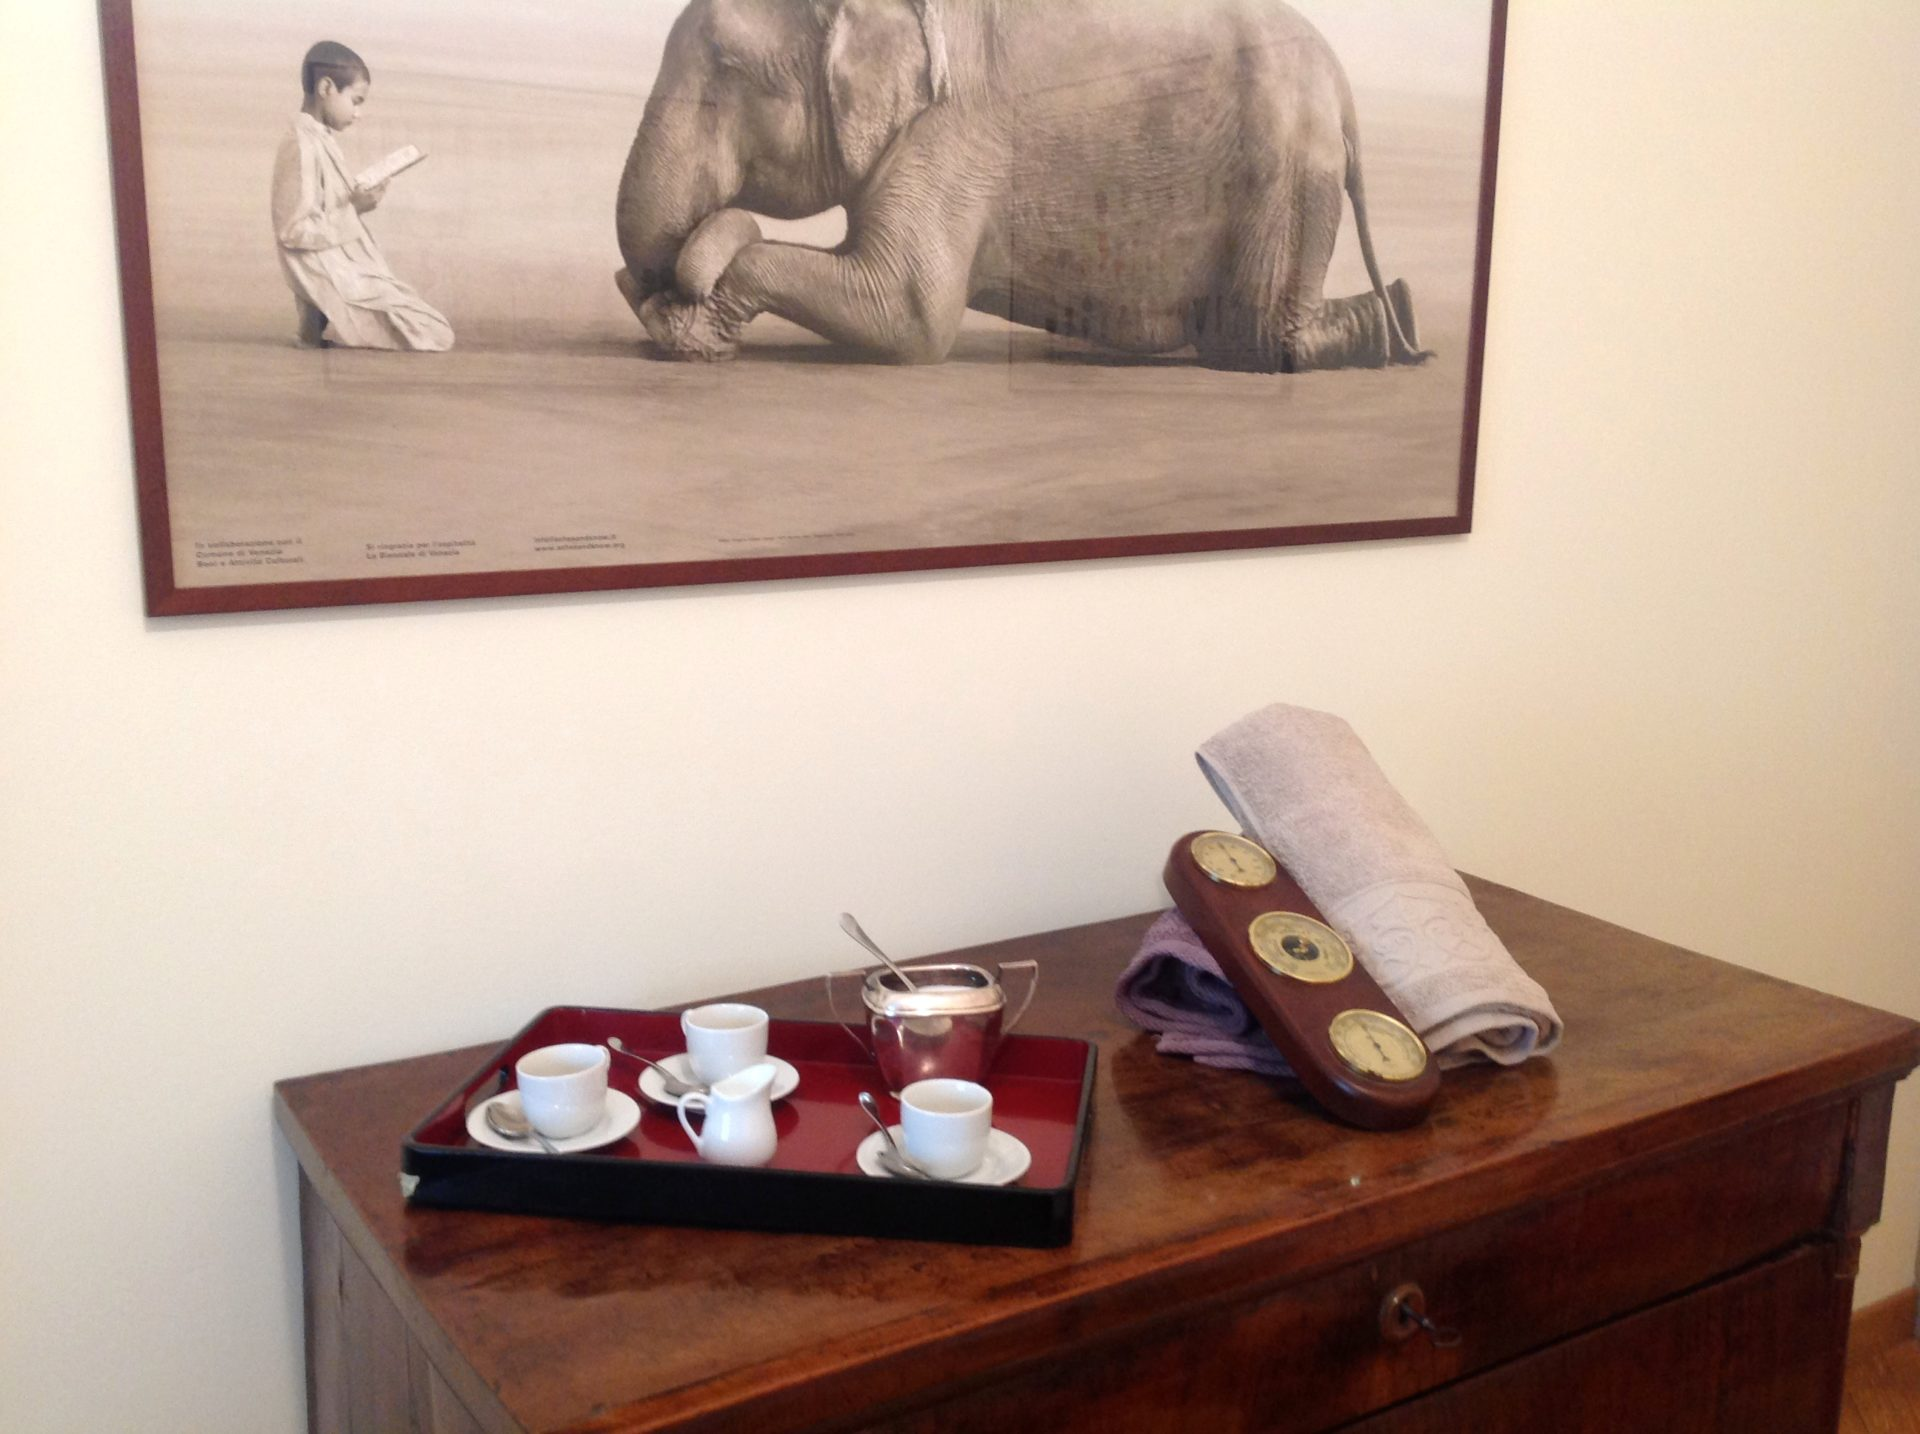 Appartamento per vacanze a Milano, Le stanze di Alice, accessori